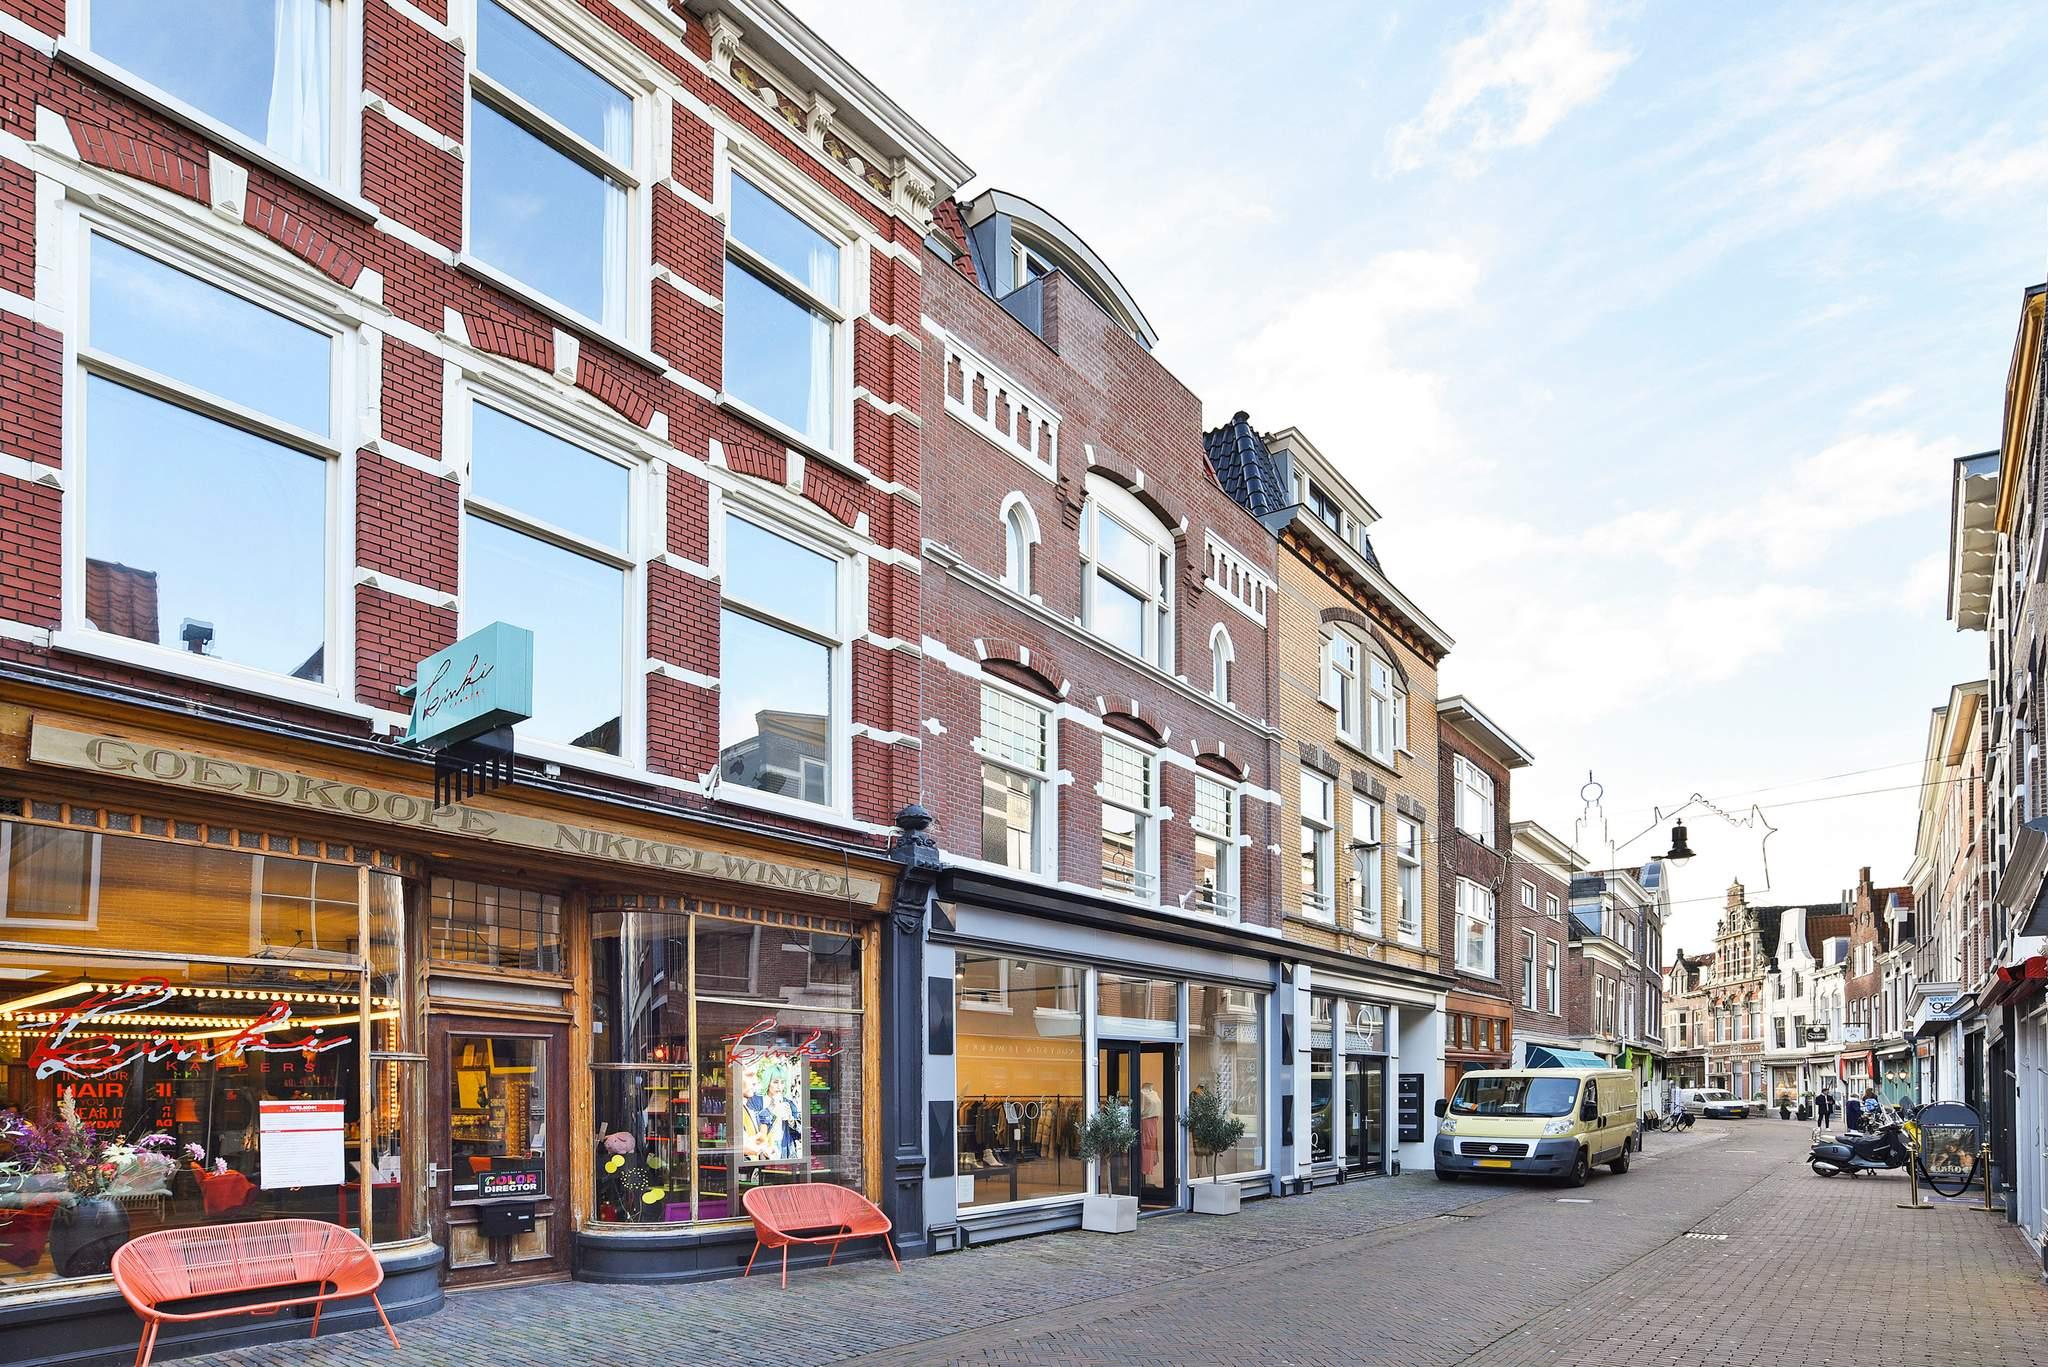 Kleine Houtstraat 21A, Haarlem Haarlem